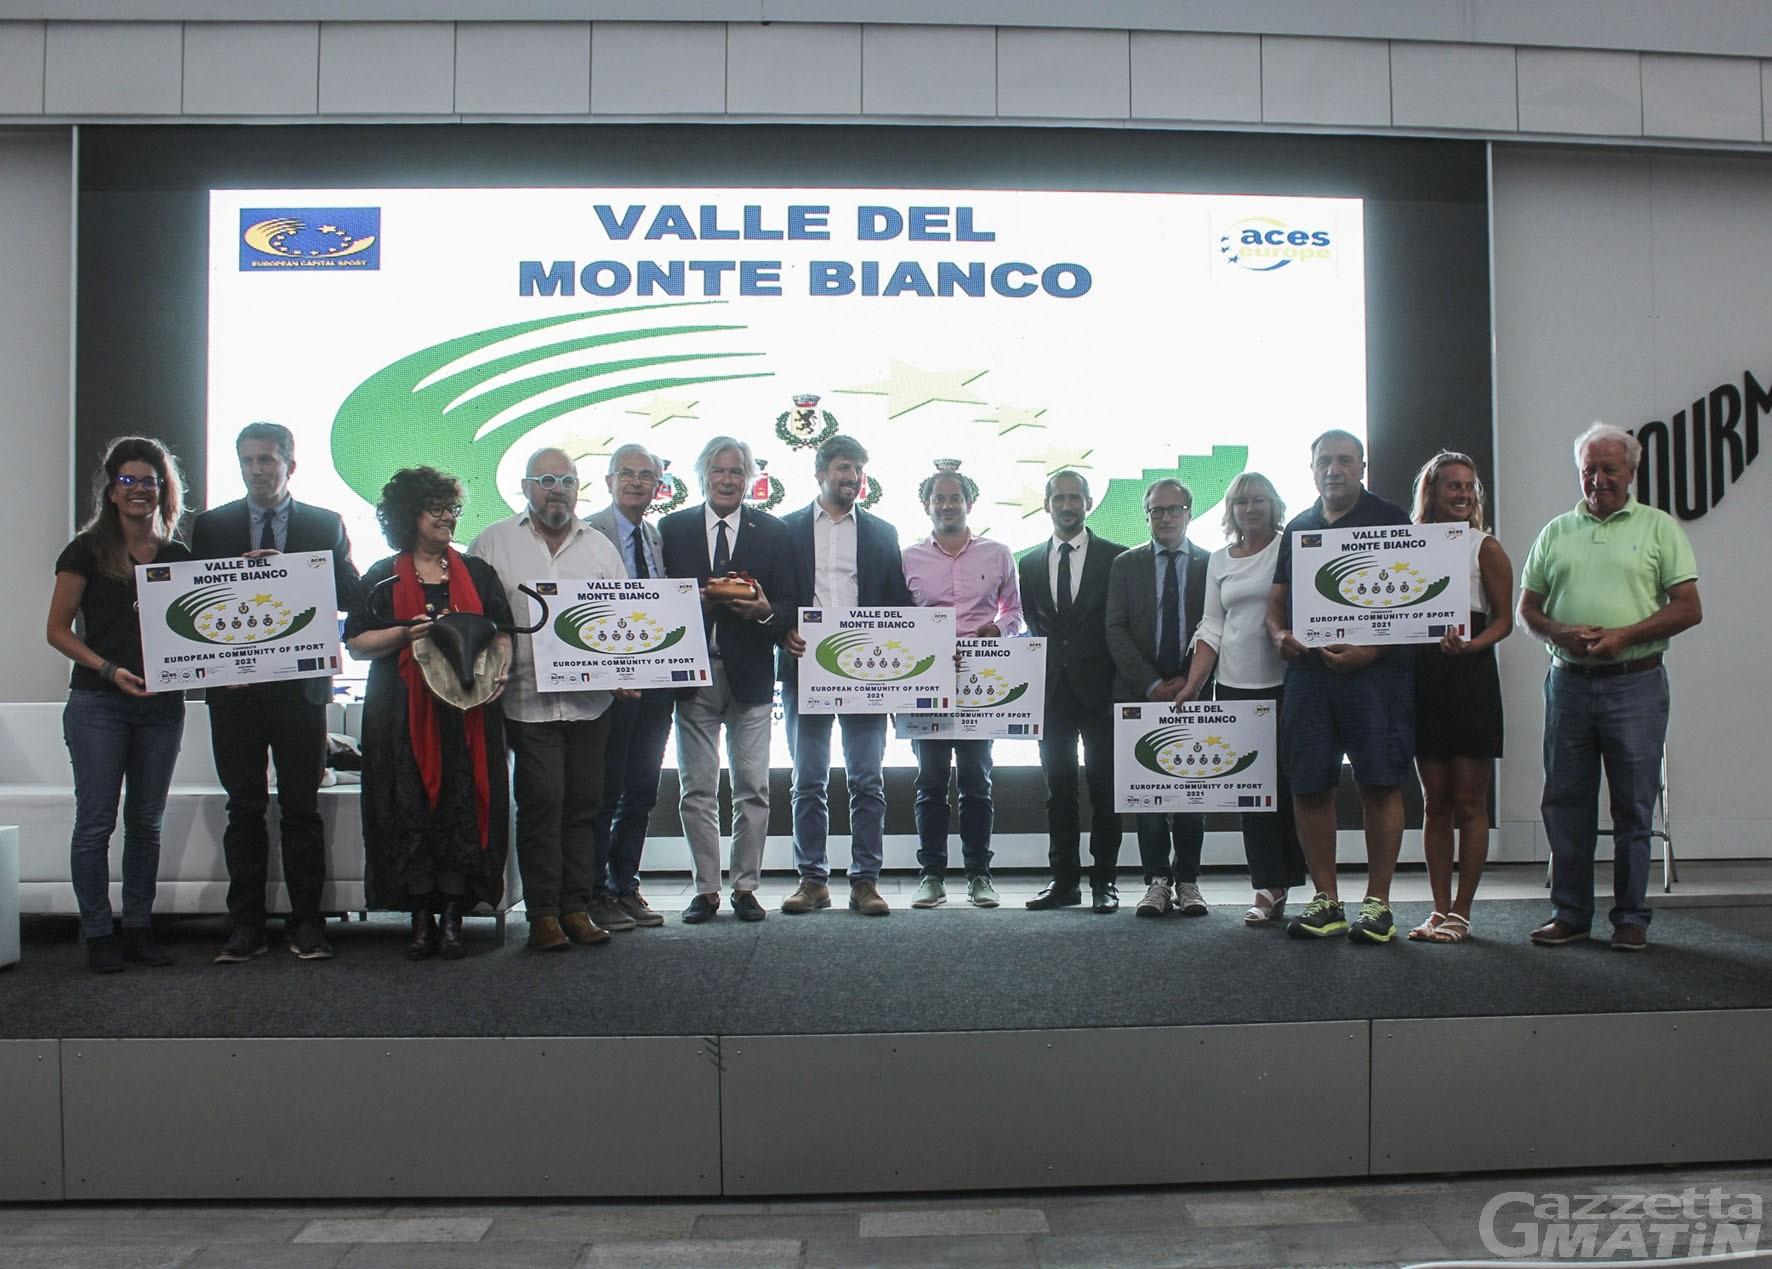 La Valdigne Mont Blanc è Comunità dello sport 2021